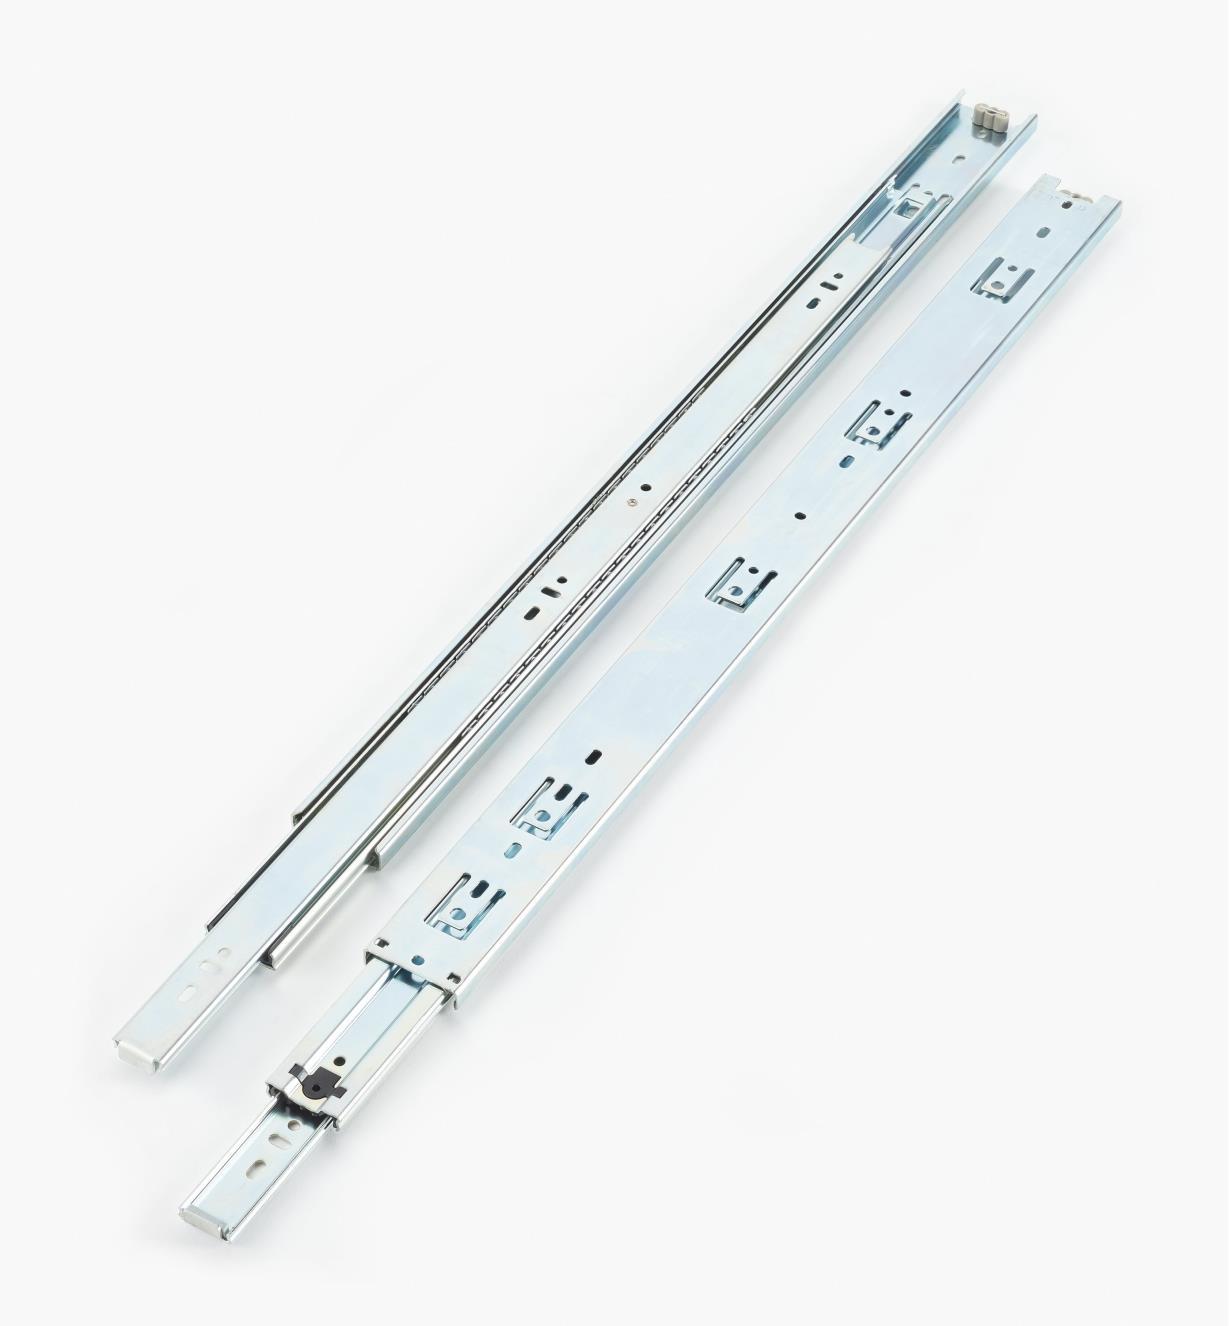 02K3024 - Coulisses de 24po à extension complète pour charge de 100lb, fini zingué, la paire